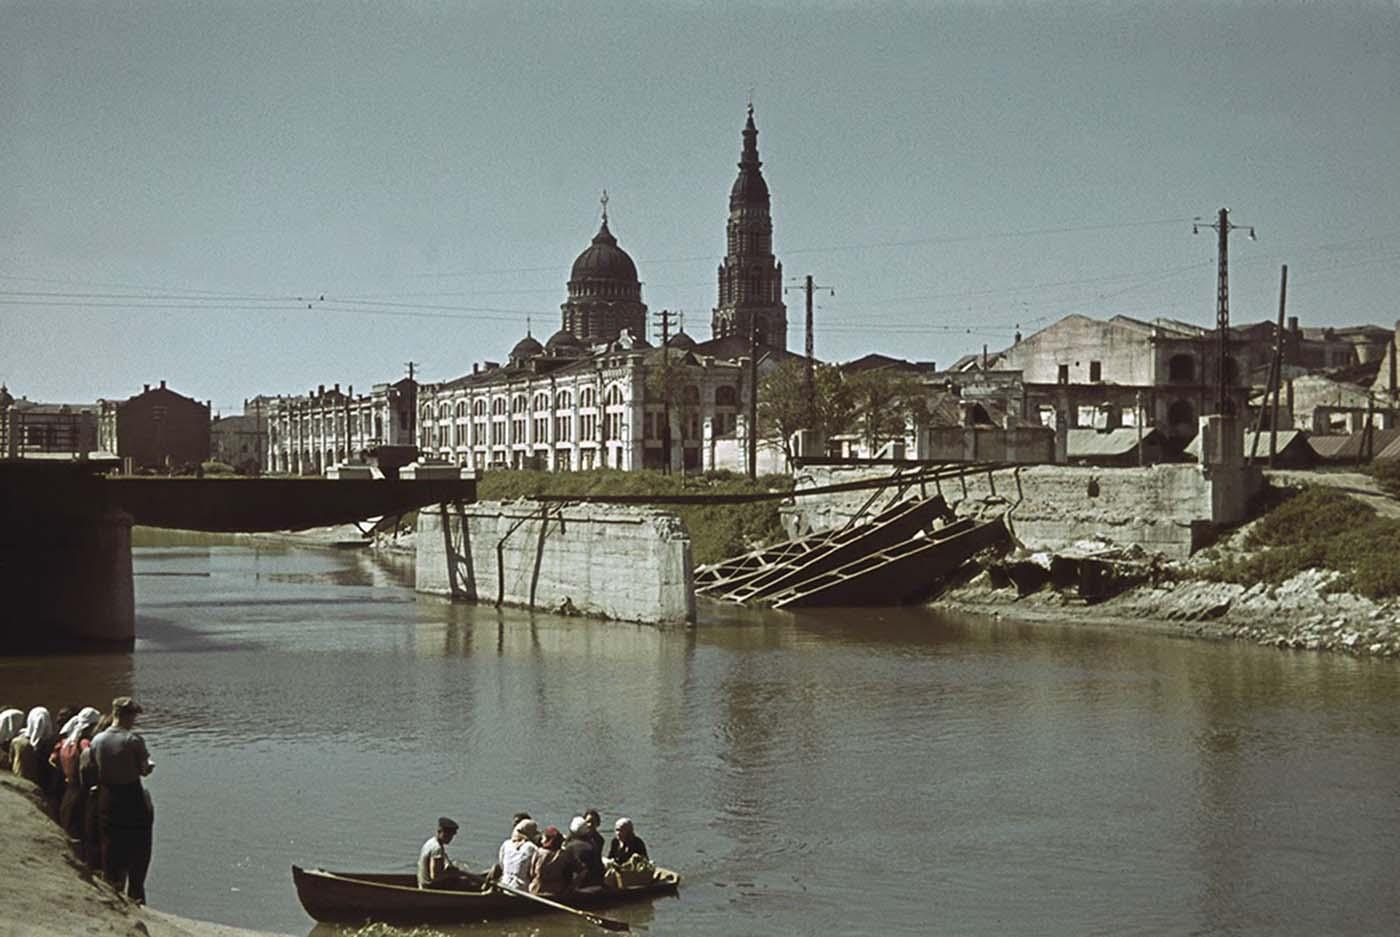 Cruce del río, Jarkov, Ucrania, octubre-noviembre de 1941; Note la catedral de la Anunciación en el fondo.